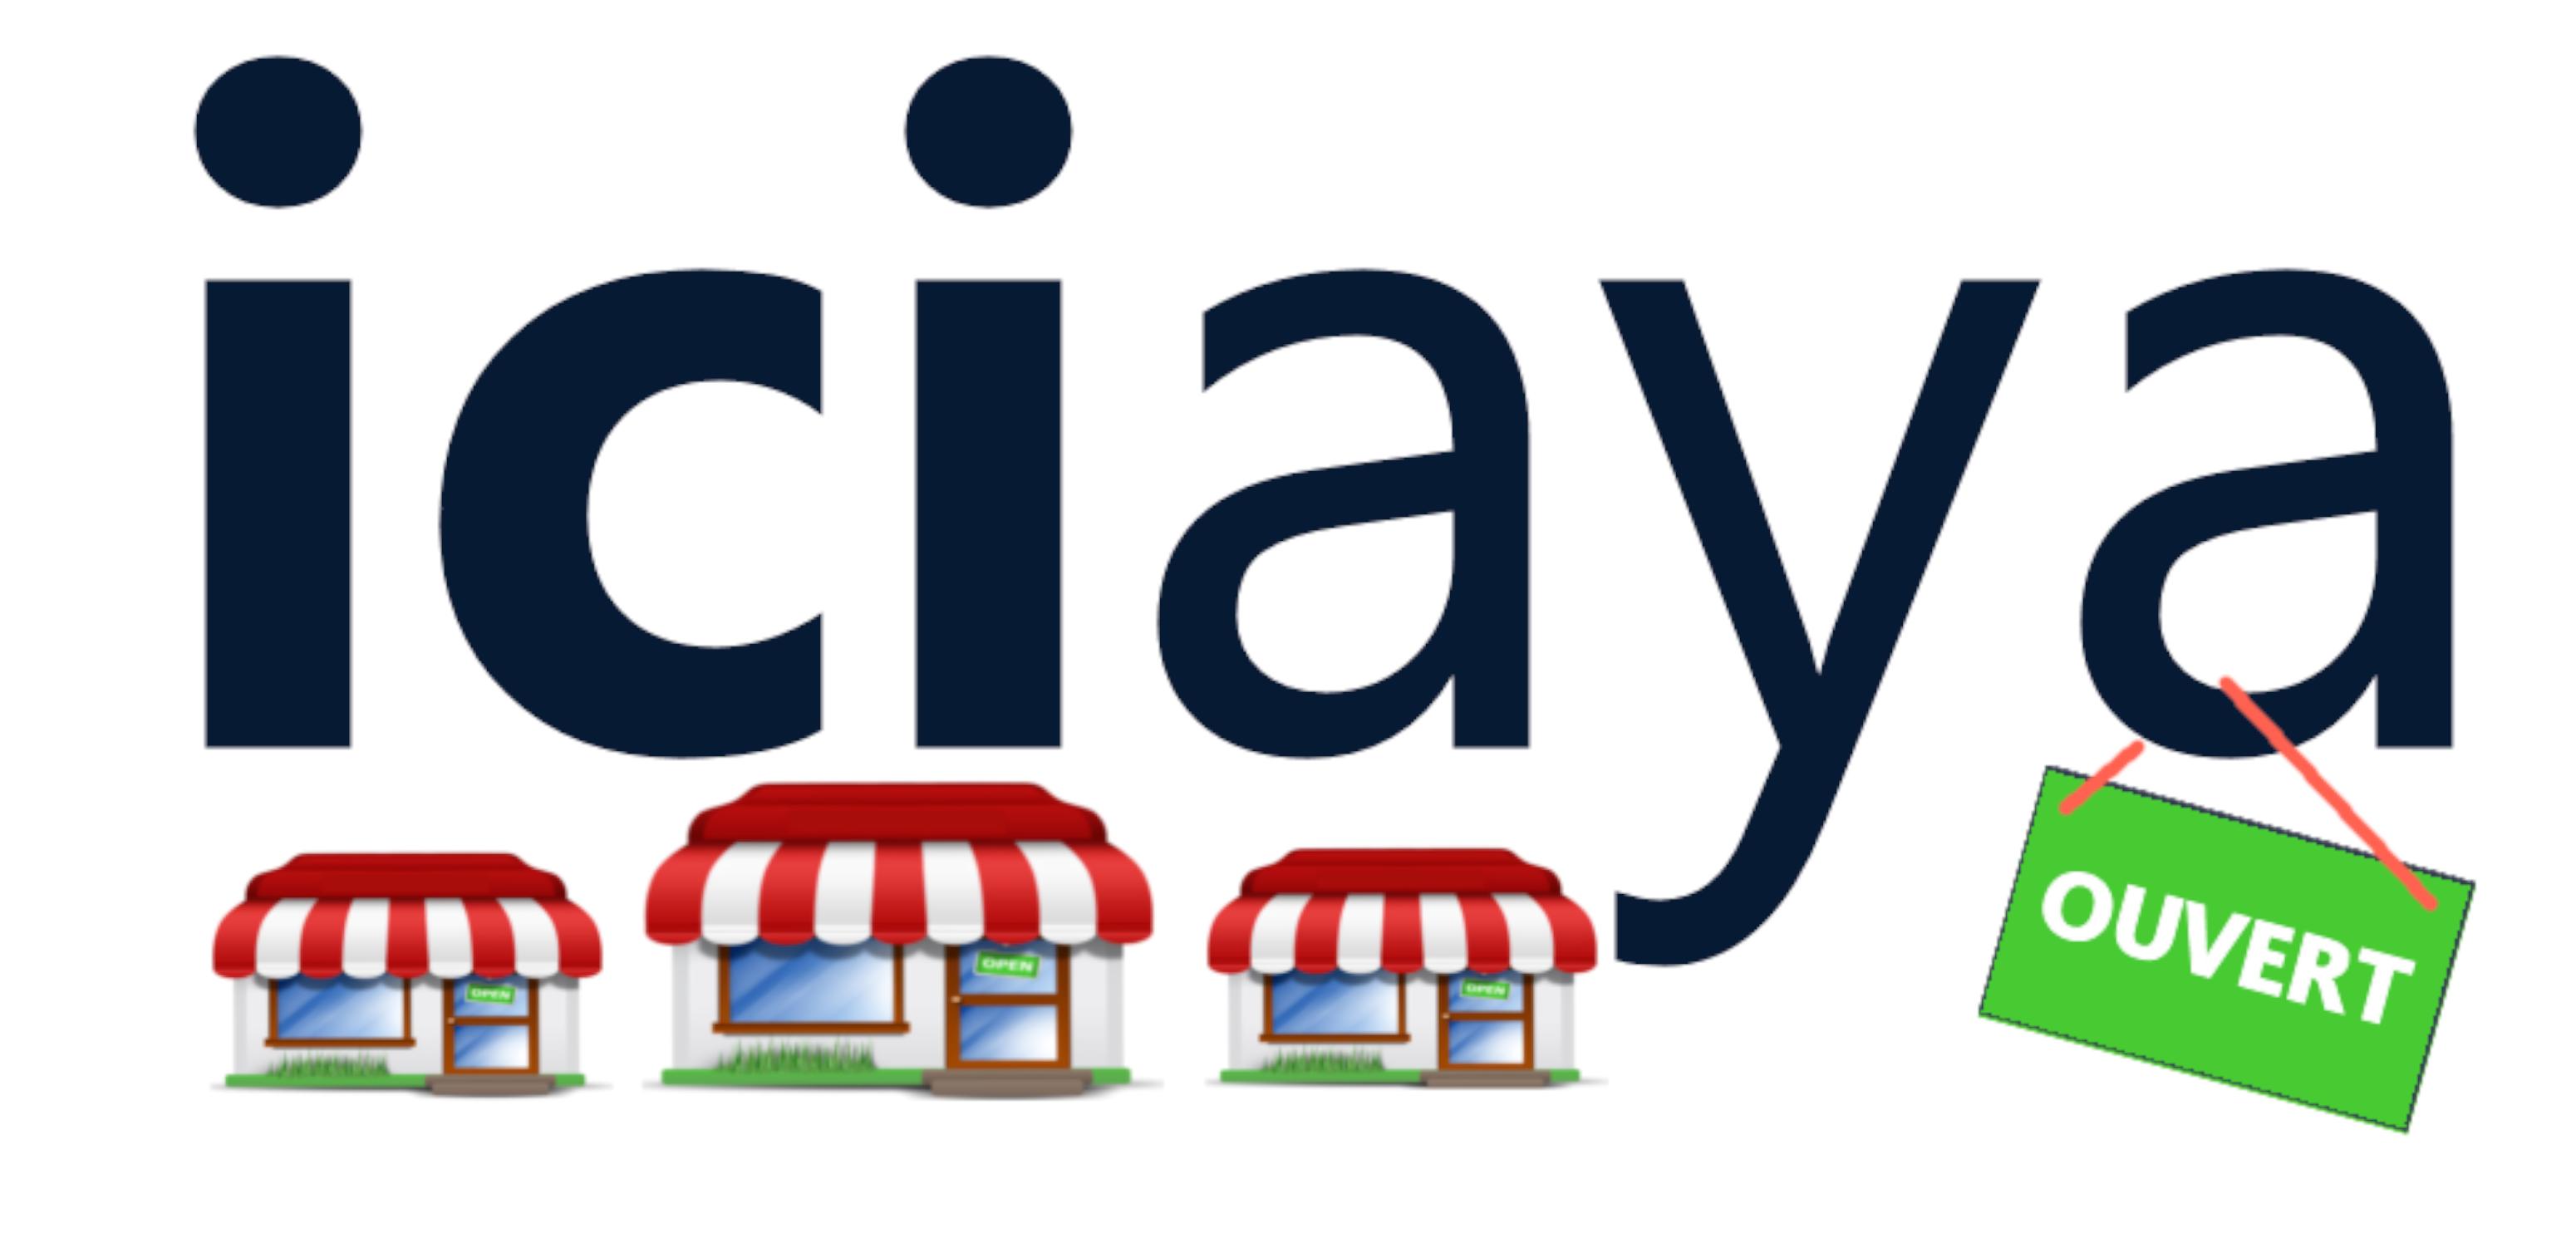 Iciaya blog